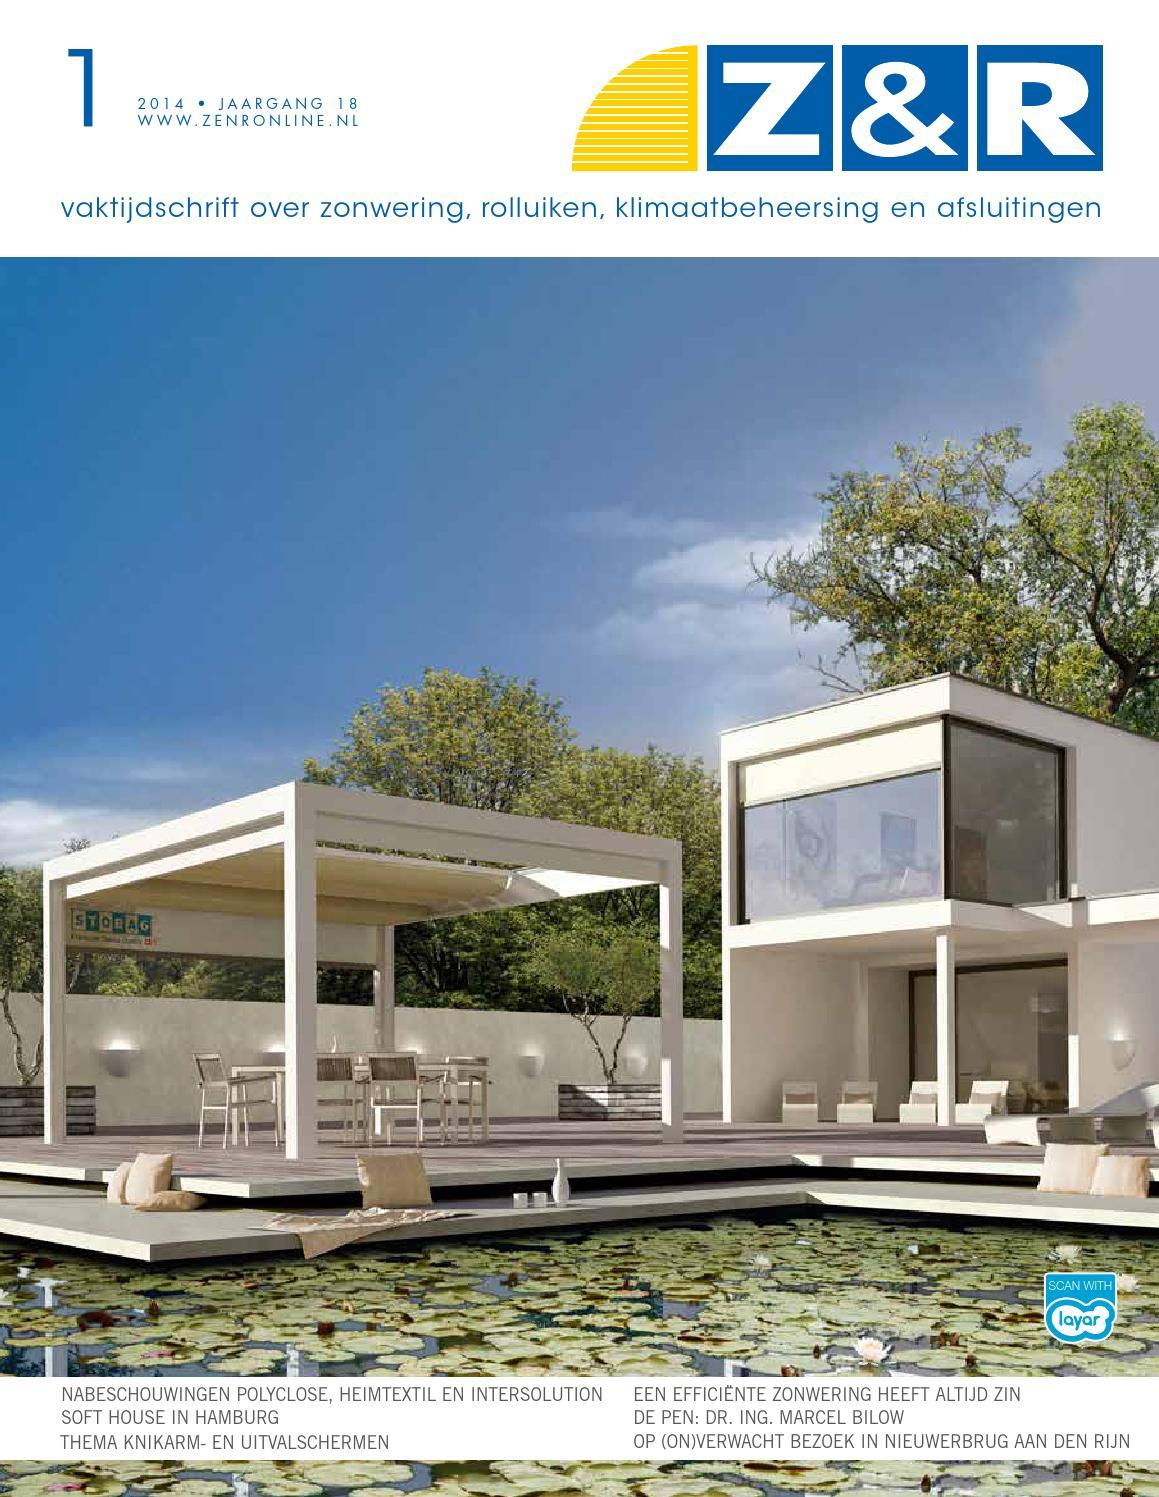 Z&R 1 2014 by Louwers Uitgeversorganisatie BV - issuu